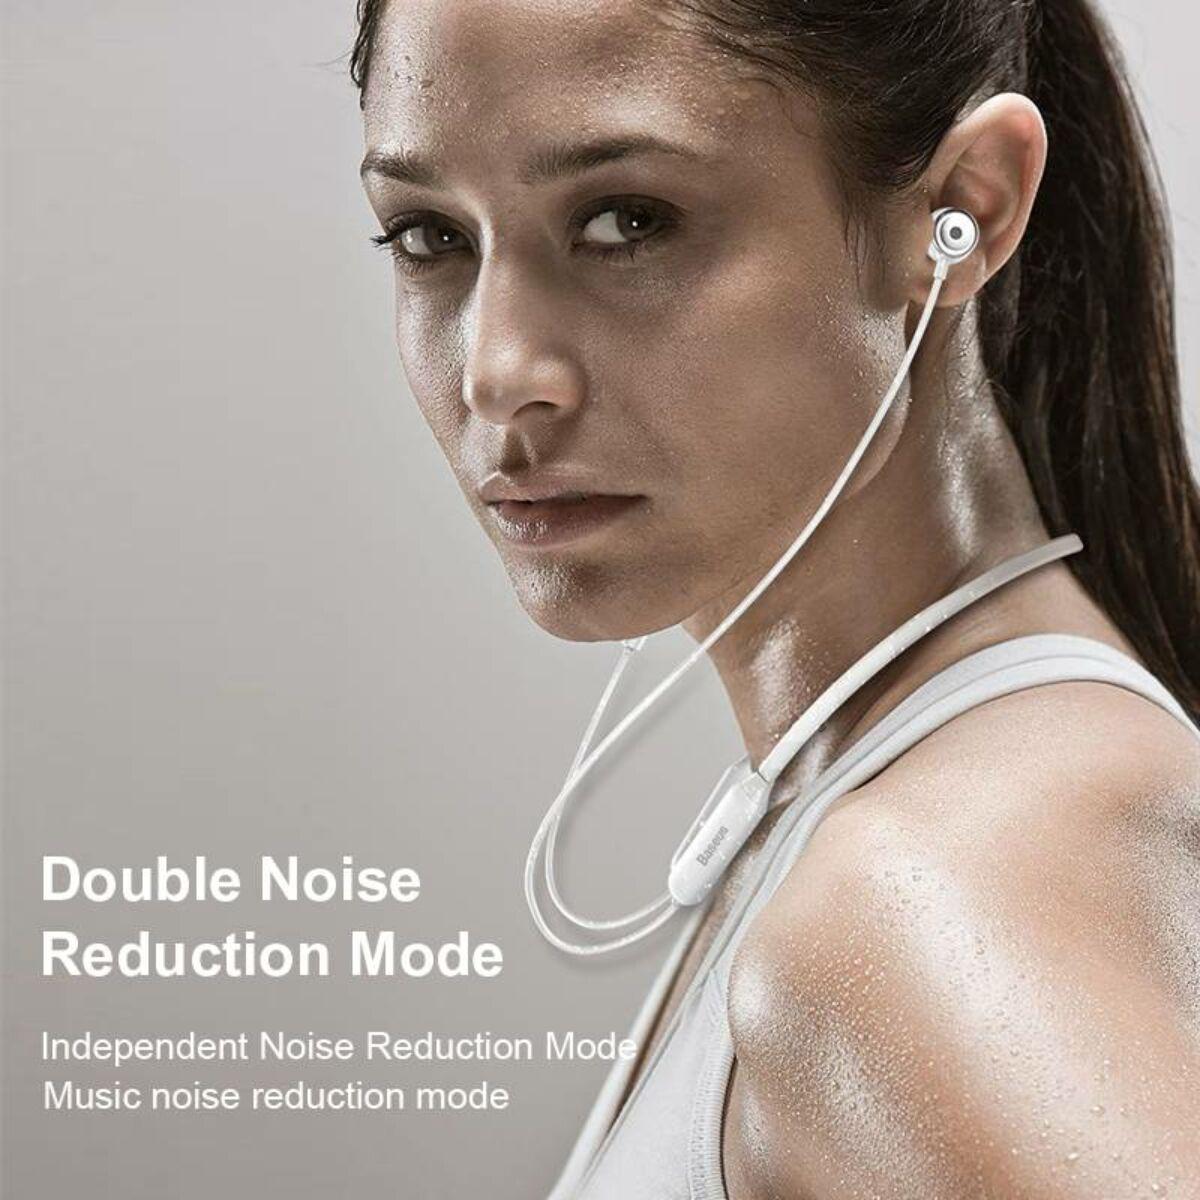 Baseus fülhallgató, Bluetooth SIMU S15, aktív zaj csökkentés, vezeték nélküli, fehér (NGS15-02)